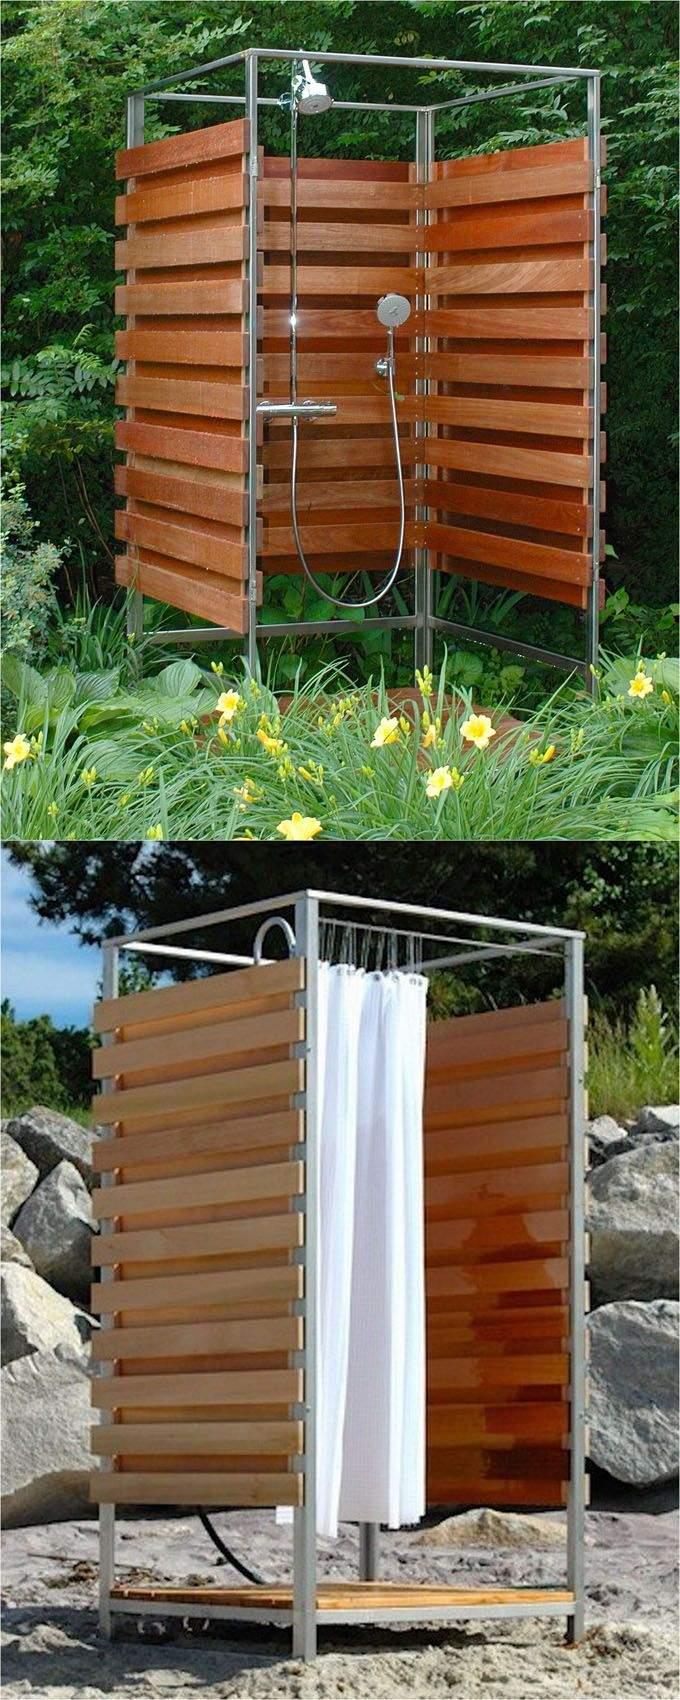 Aussendusche Garten Schön 32 Beautiful Diy Outdoor Shower Ideas for the Best Summer